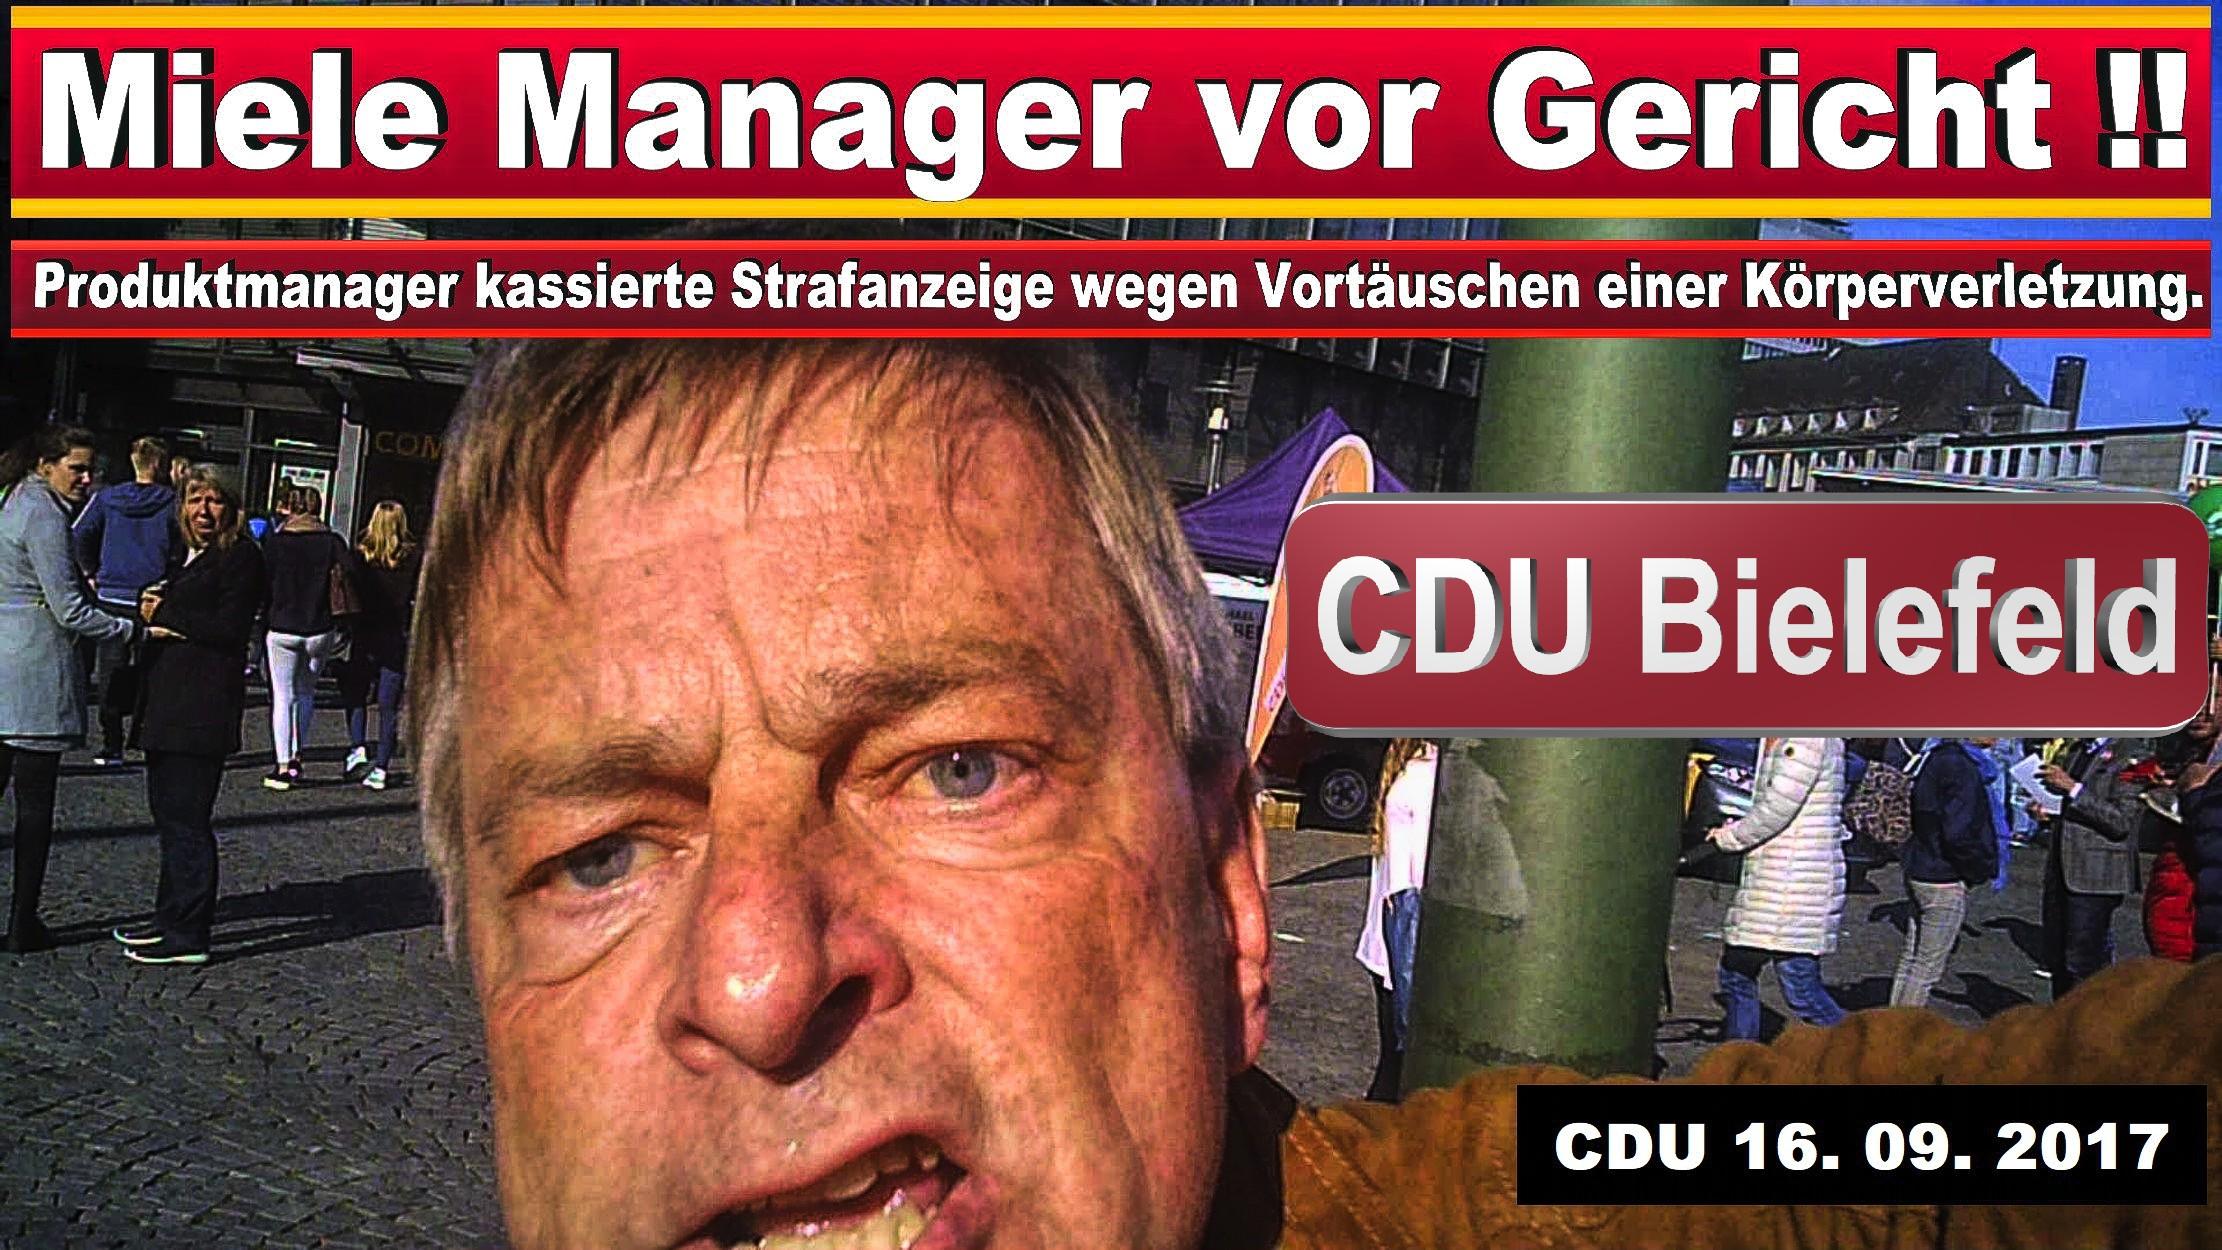 CDU KREISGESCHäFTSSTELLE BIELEFELD MICHAEL WEBER MIELE GüTERSLOH PRODUKTMANAGER JURIST SPD FDP AFD BIELEFELD